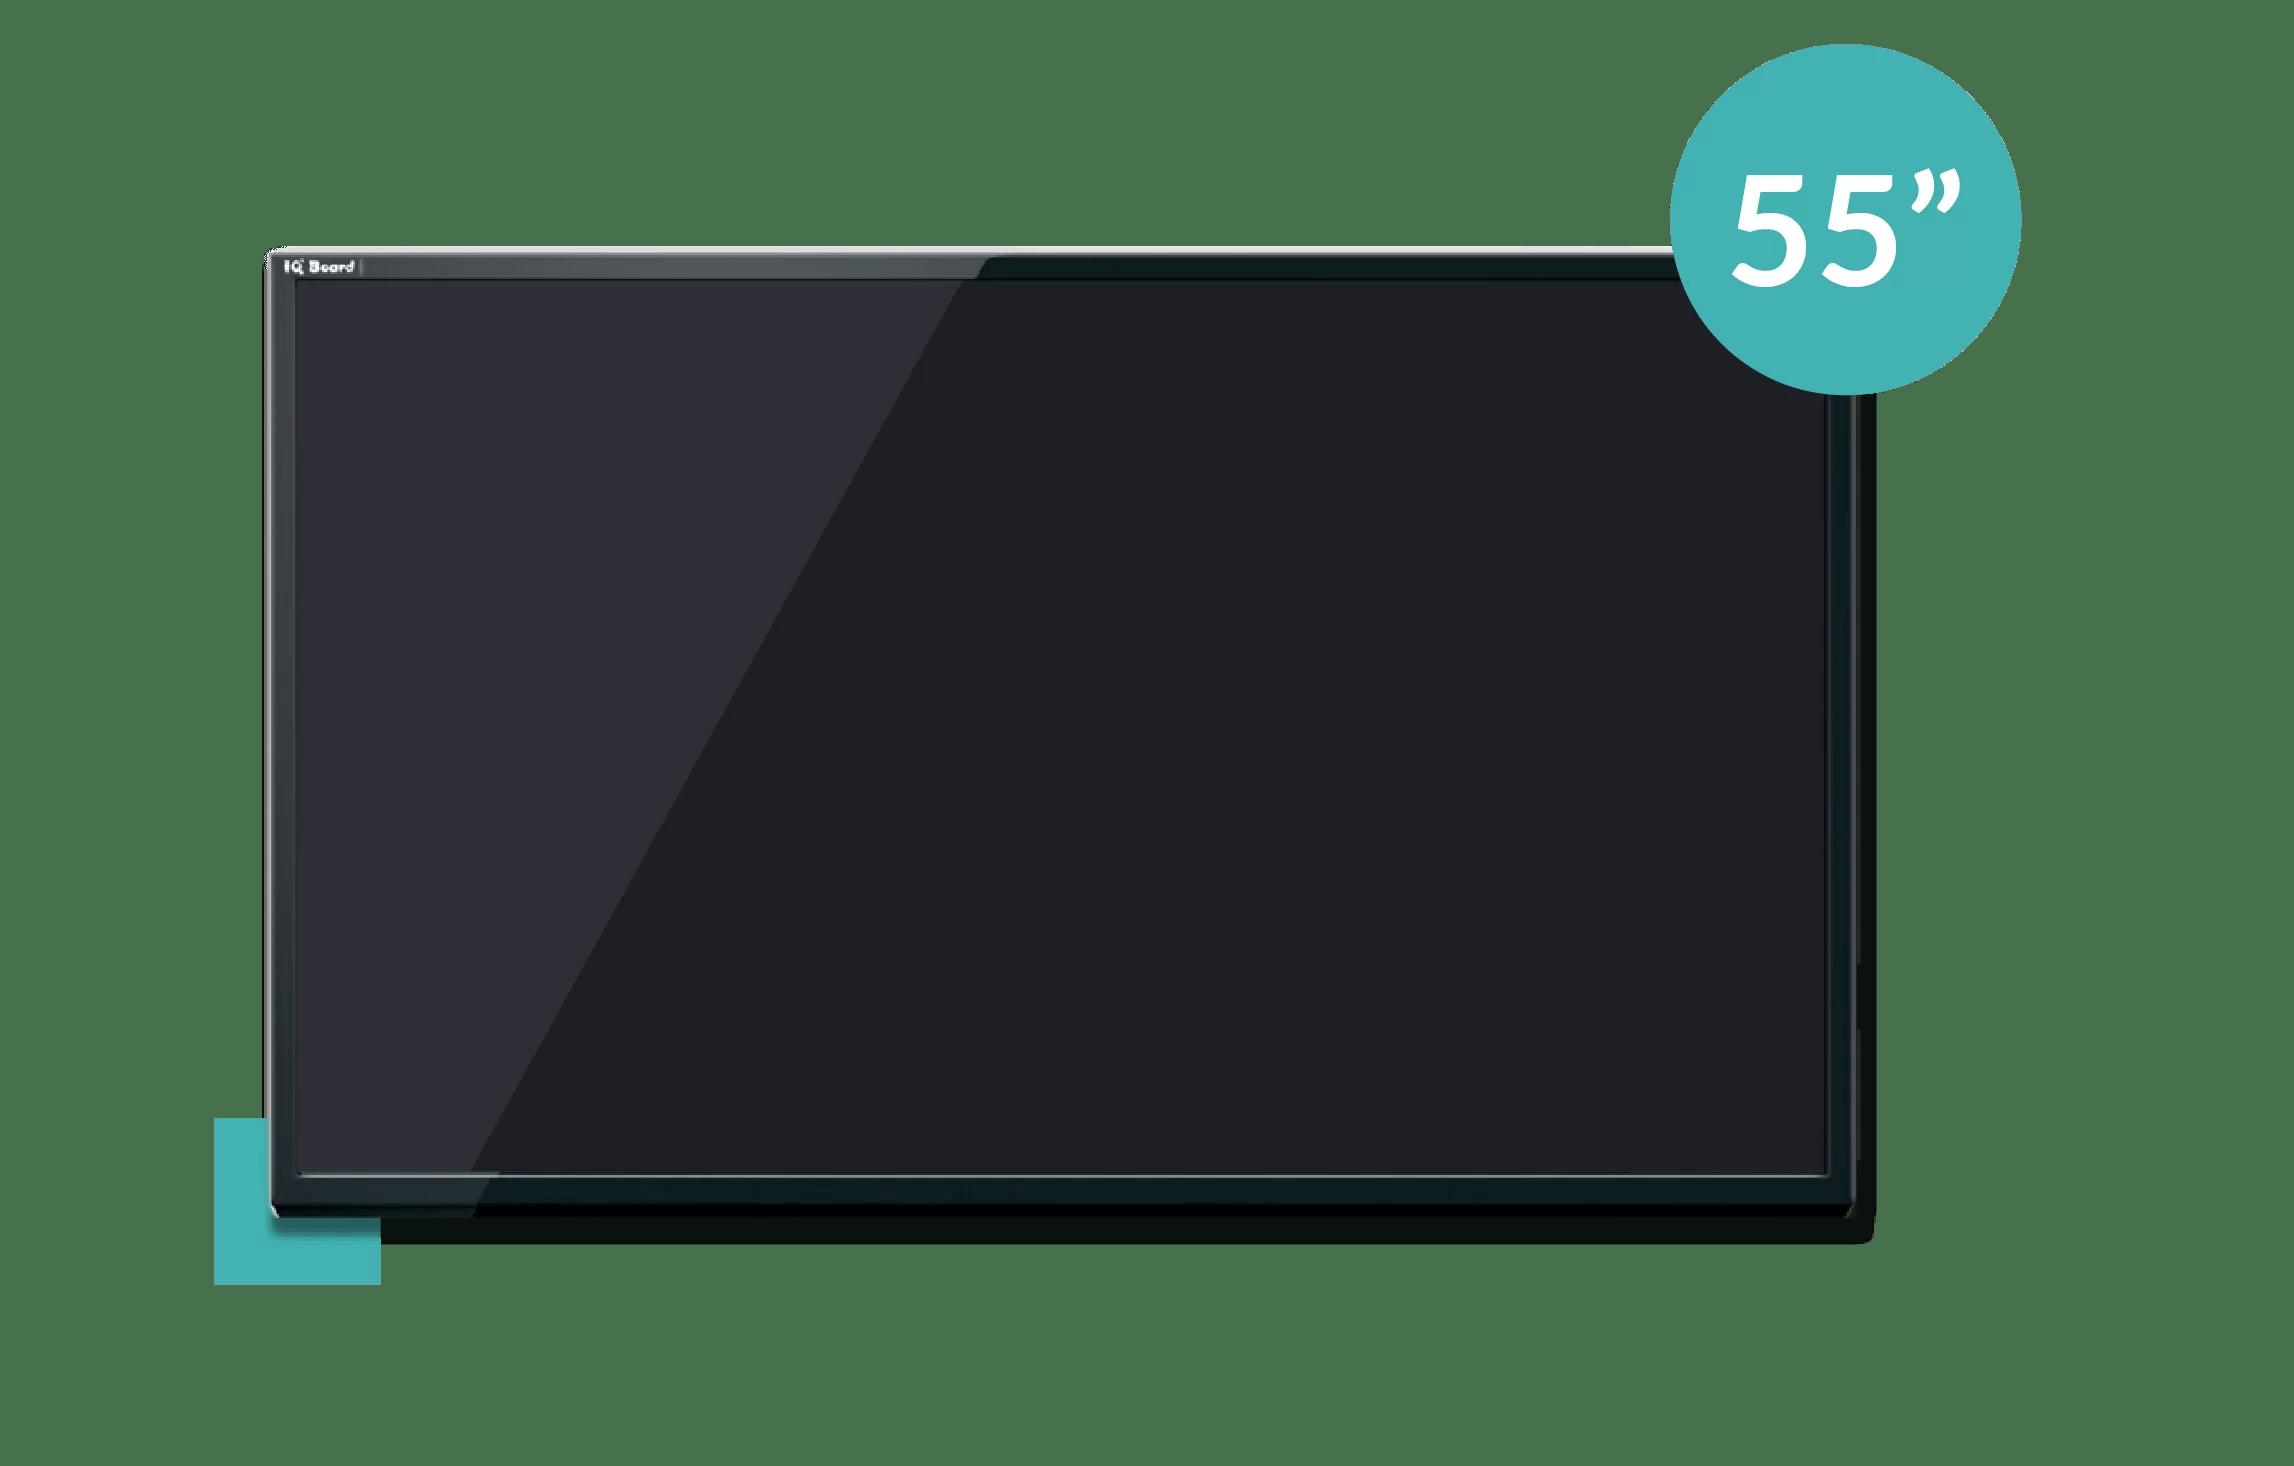 Pantalla 55